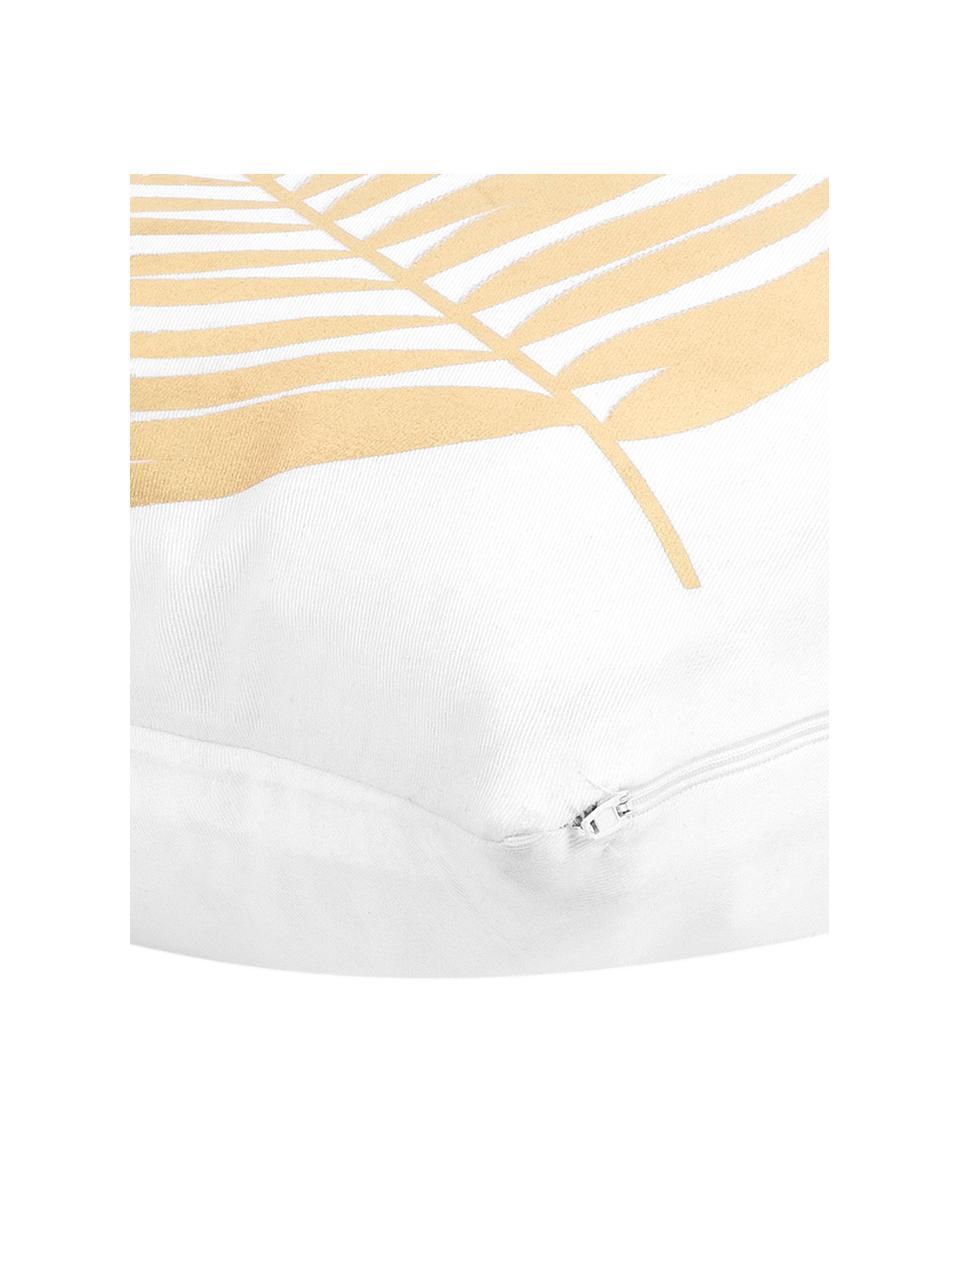 Weiße Kissenhülle Light mit goldenem Print, 100% Baumwolle, Weiß, Goldfarben, 40 x 40 cm